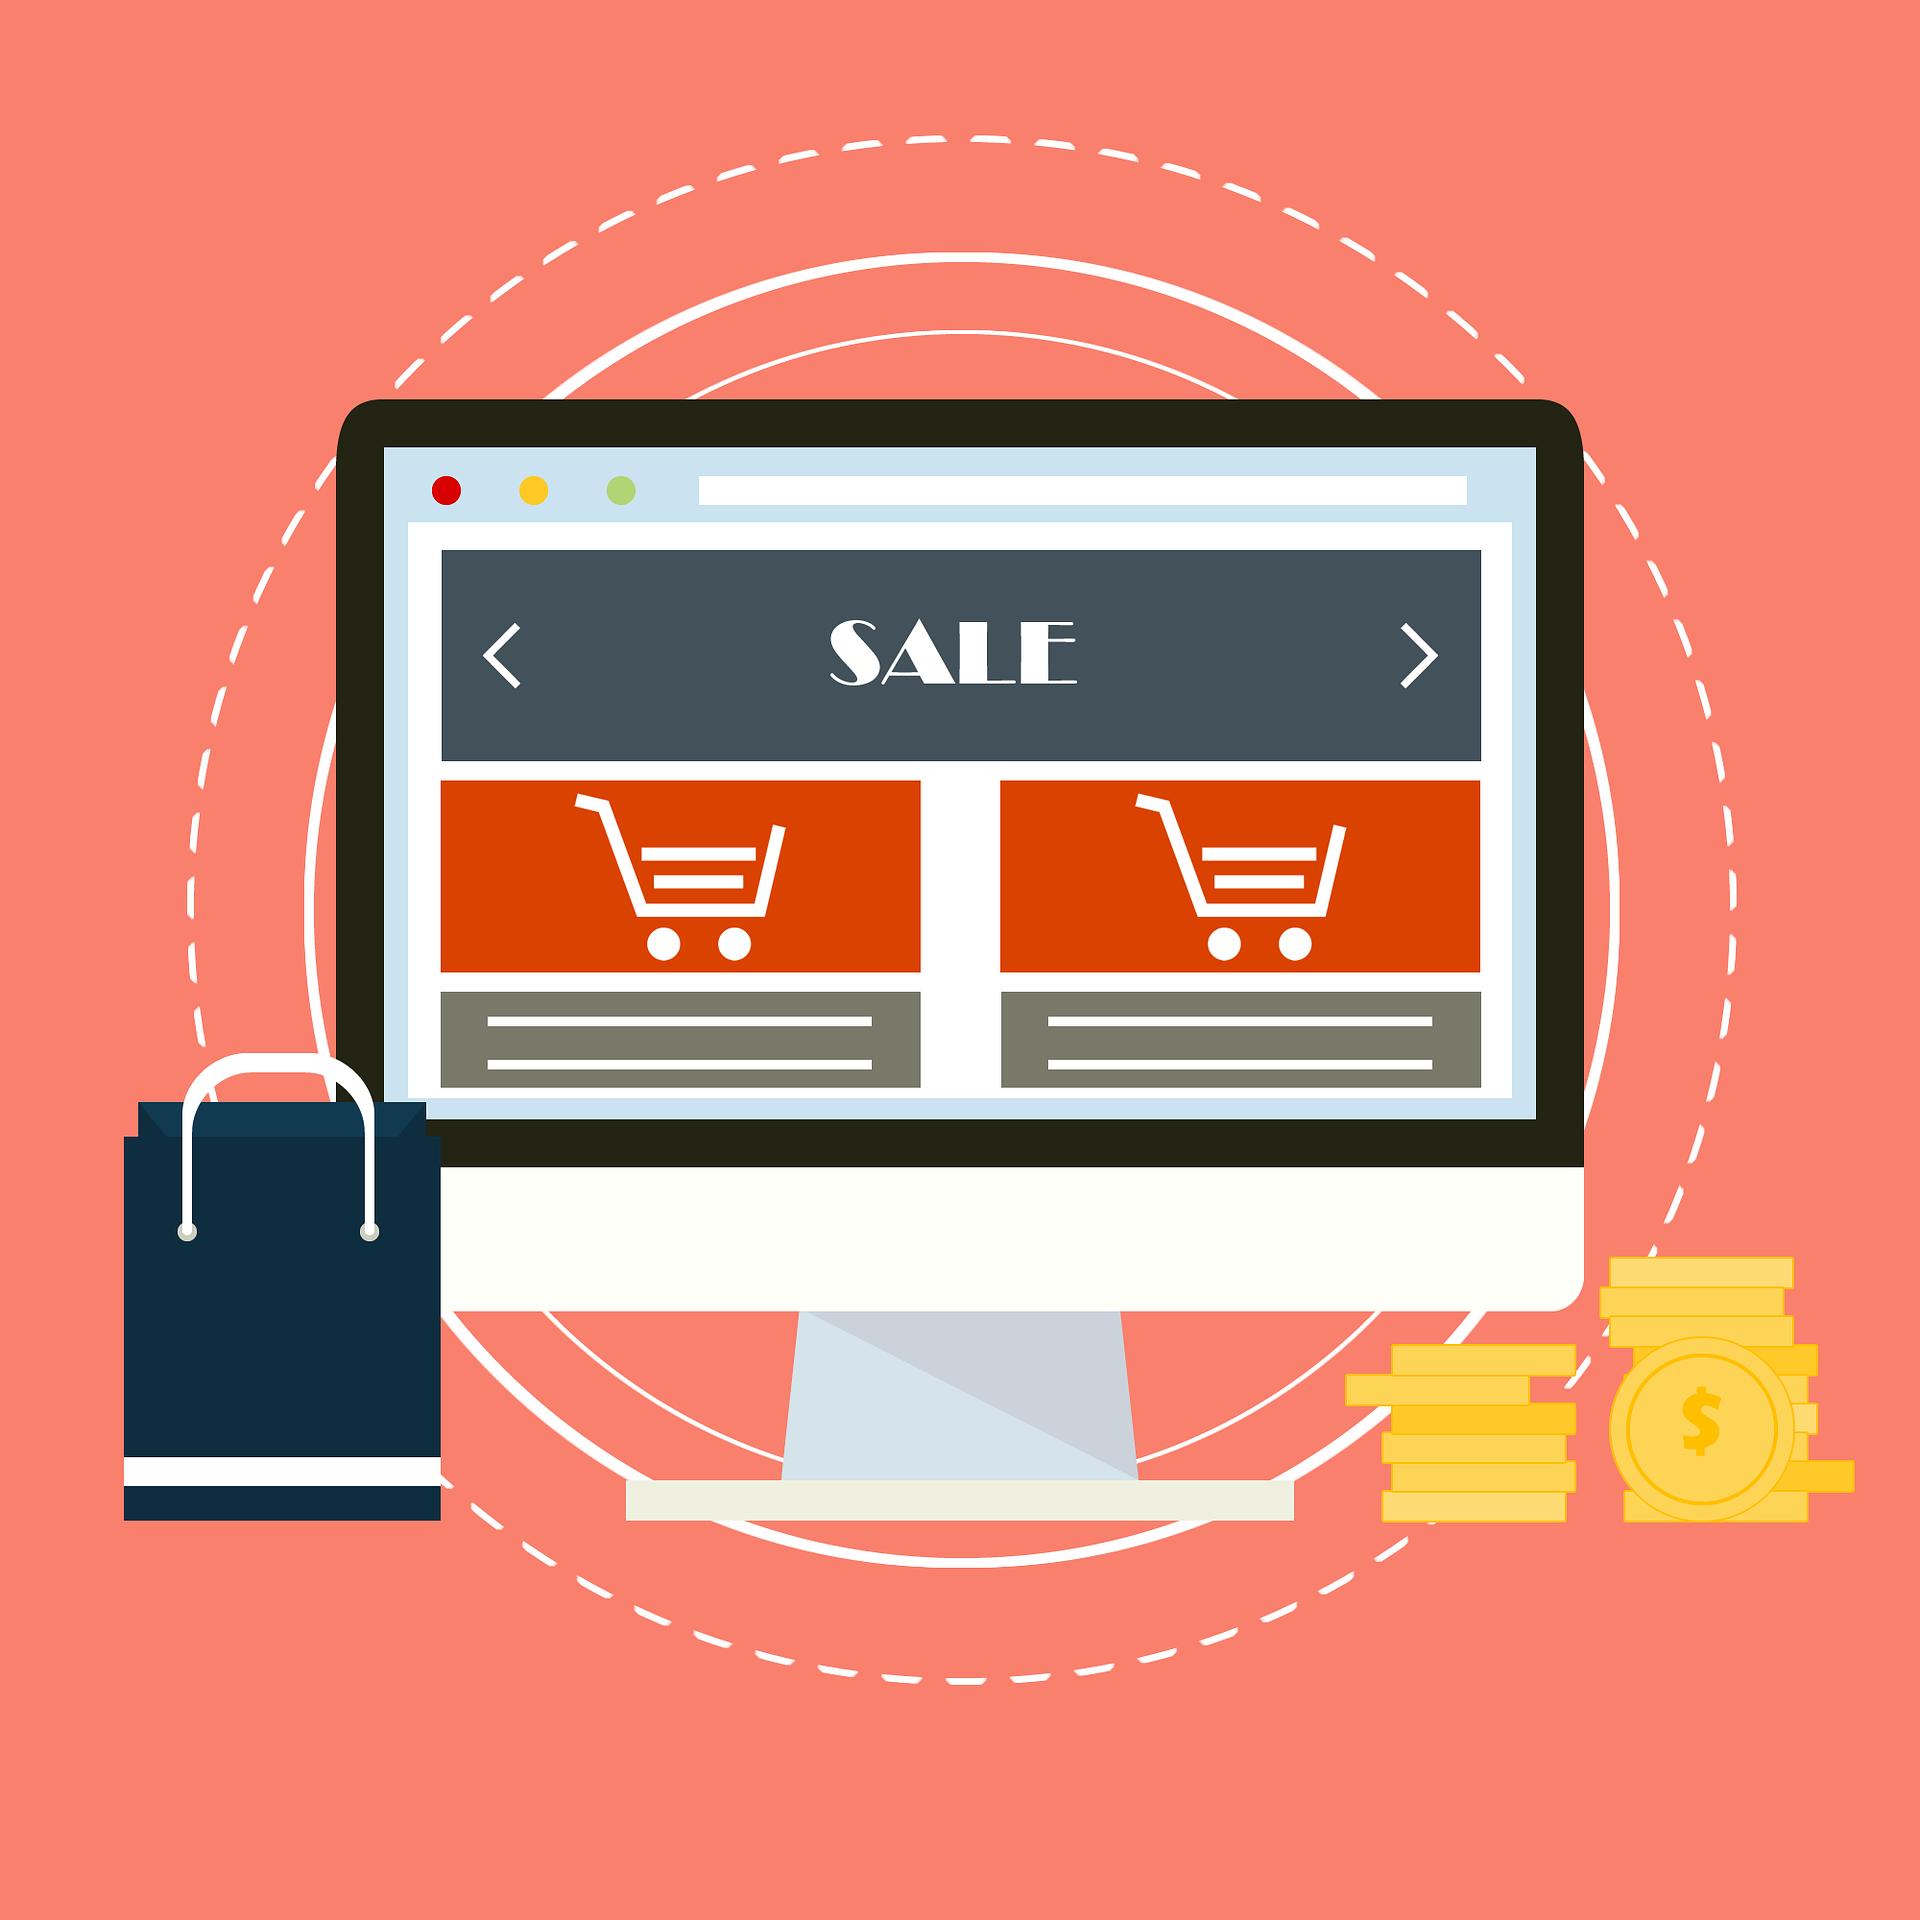 Beitragsbild zu SEO-Tipps zu Transaktions-Suchanfragen